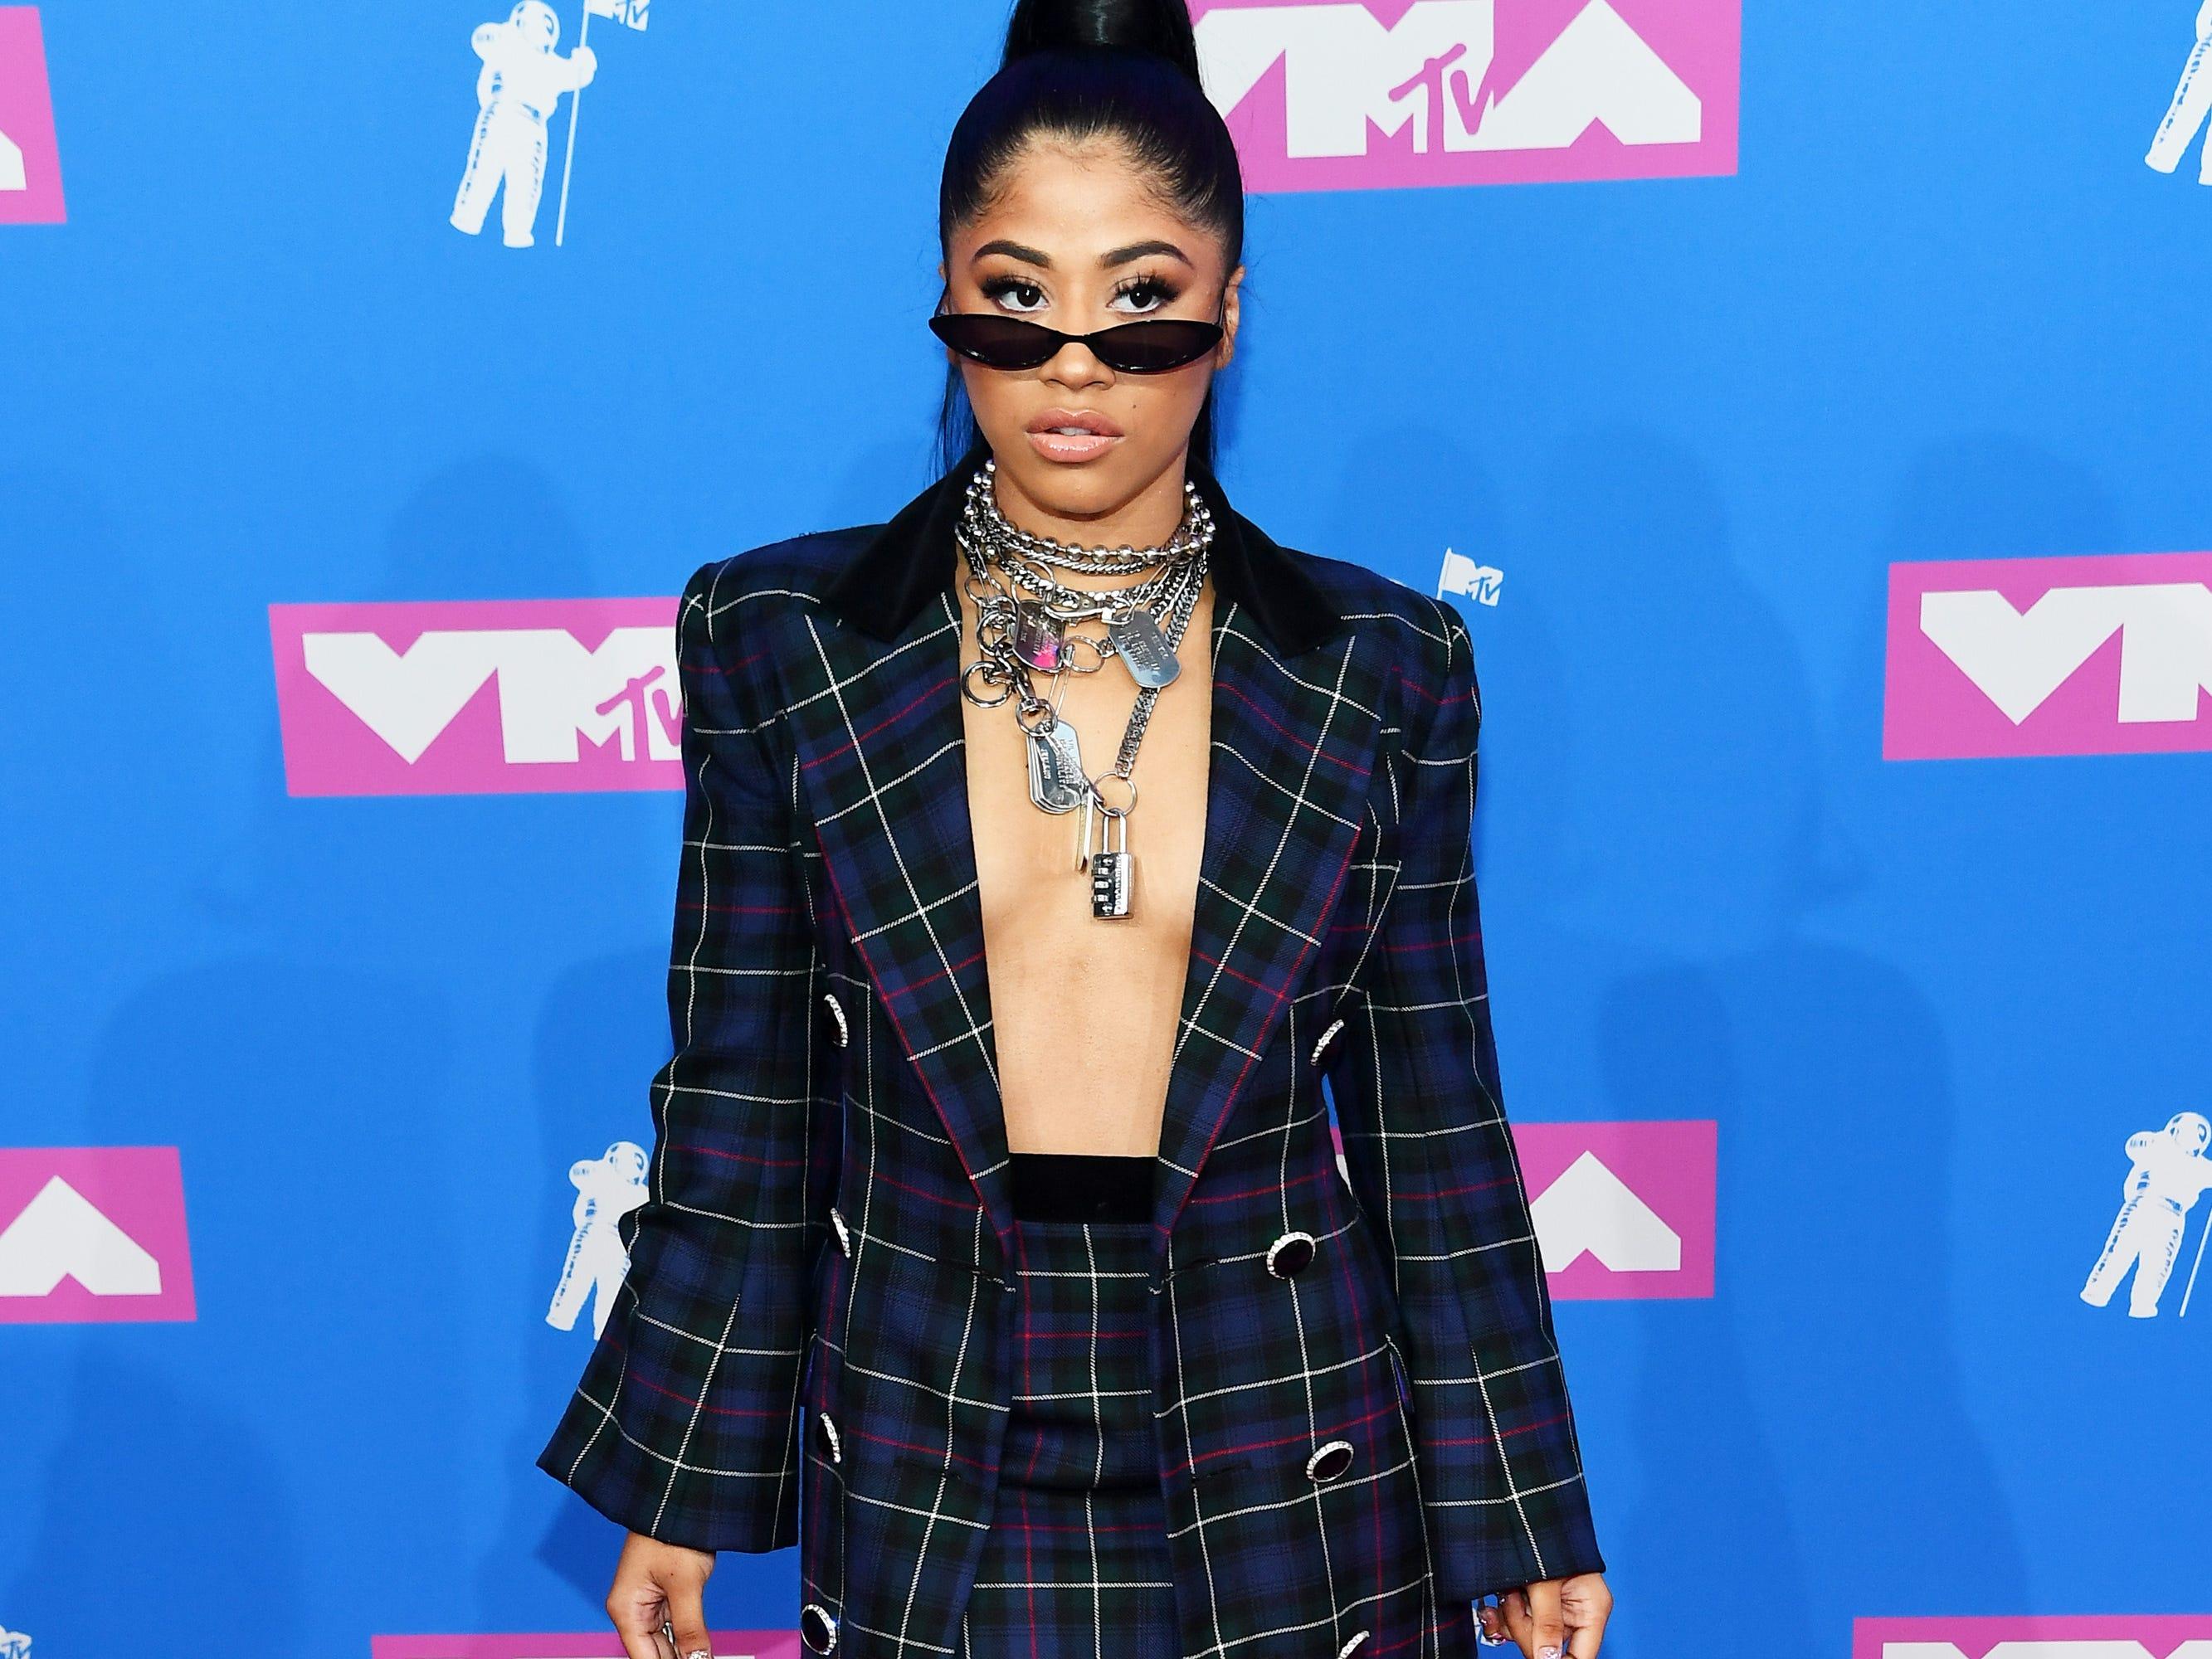 Hennessy Carolina asiste a los MTV Video Music Awards 2018 en el Radio City Music Hall el 20 de agosto de 2018 en la ciudad de Nueva York.